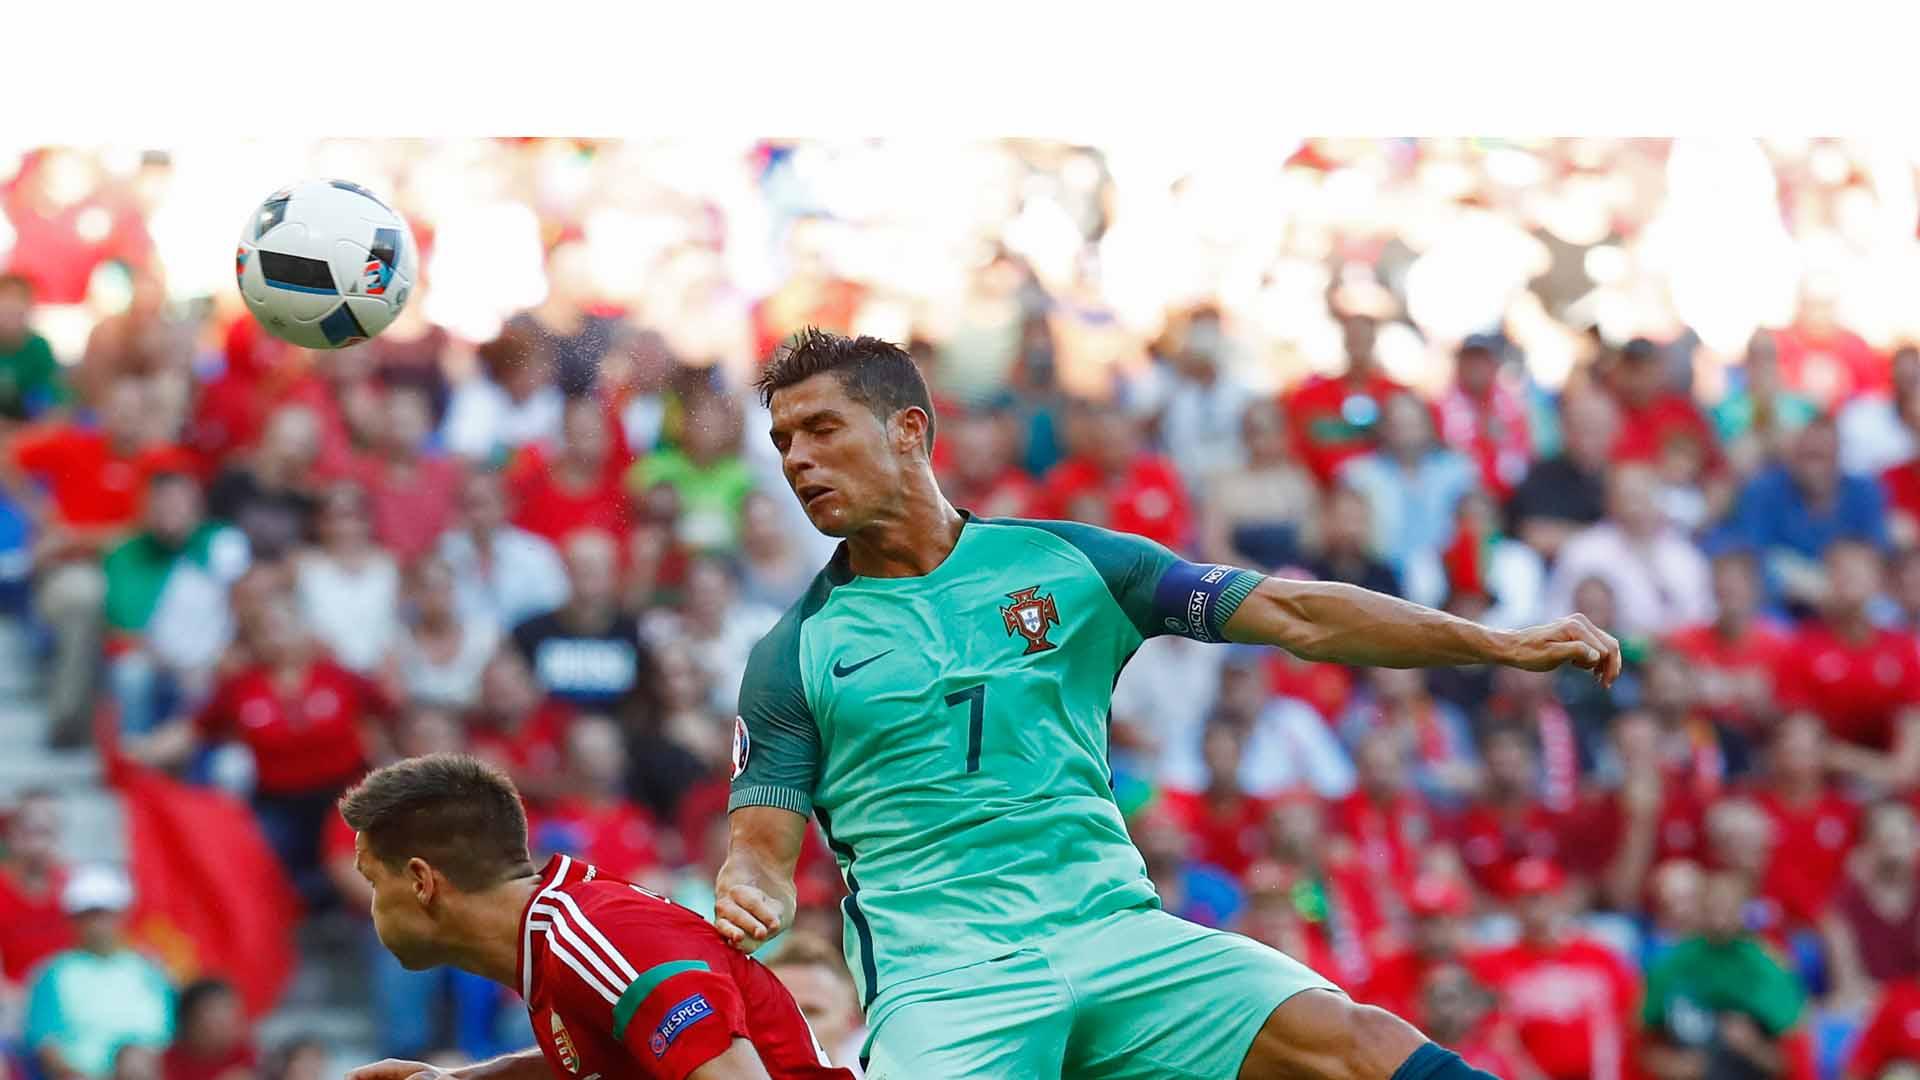 En el partido más reñido de la Eurocopa, Portugal y Hungría pactaron a tres para conseguir, ambos, el pase a los octavos de final